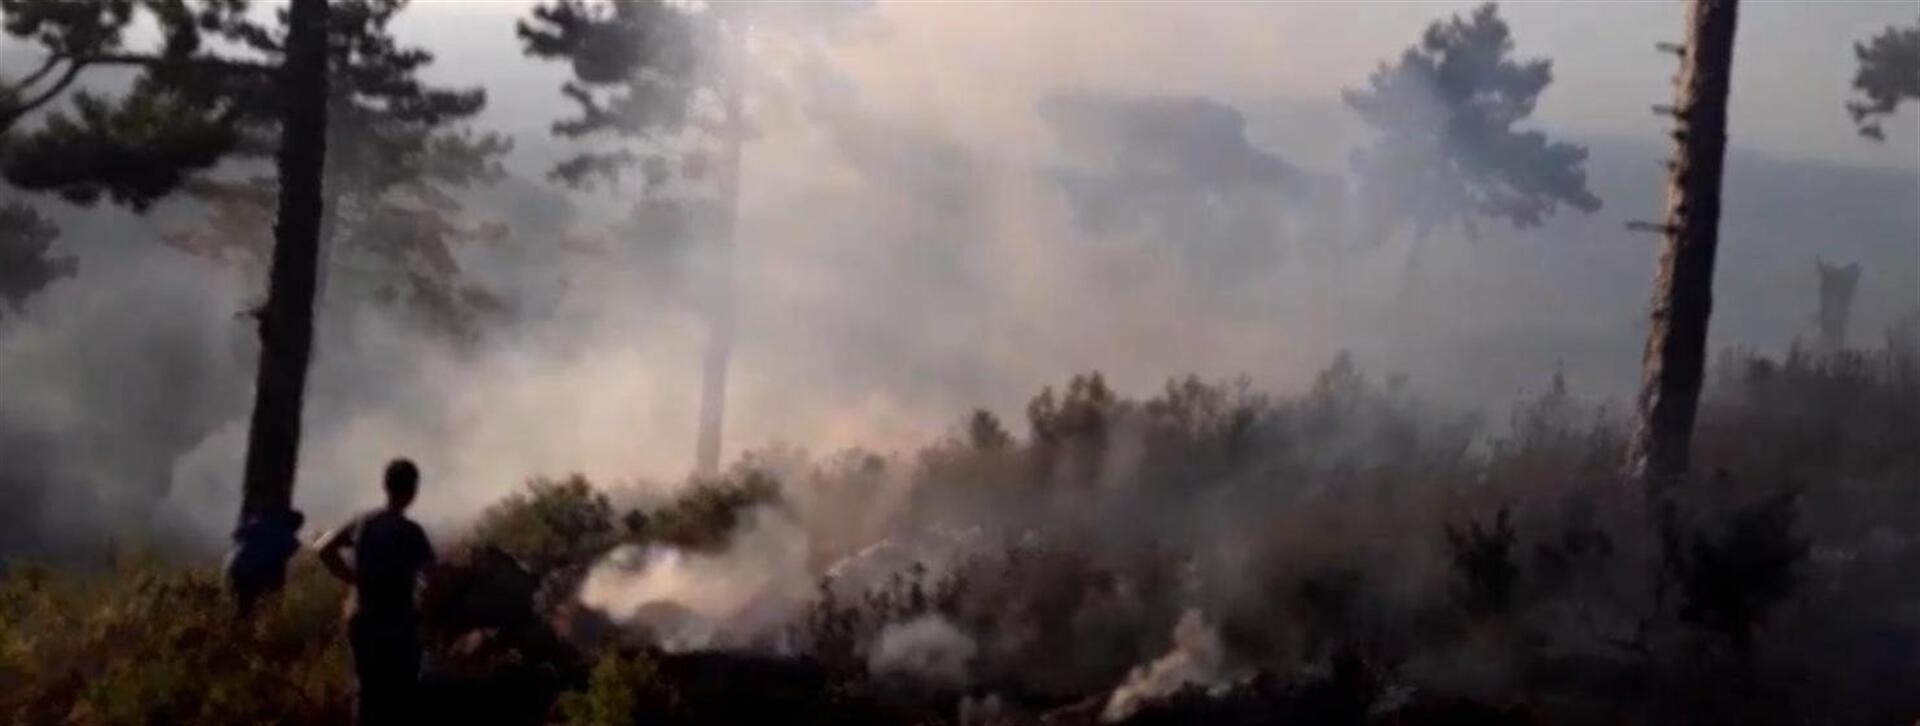 Tarım ve Orman Bakanı Bekir Pakdemirli'den, orman yangınları açıklaması